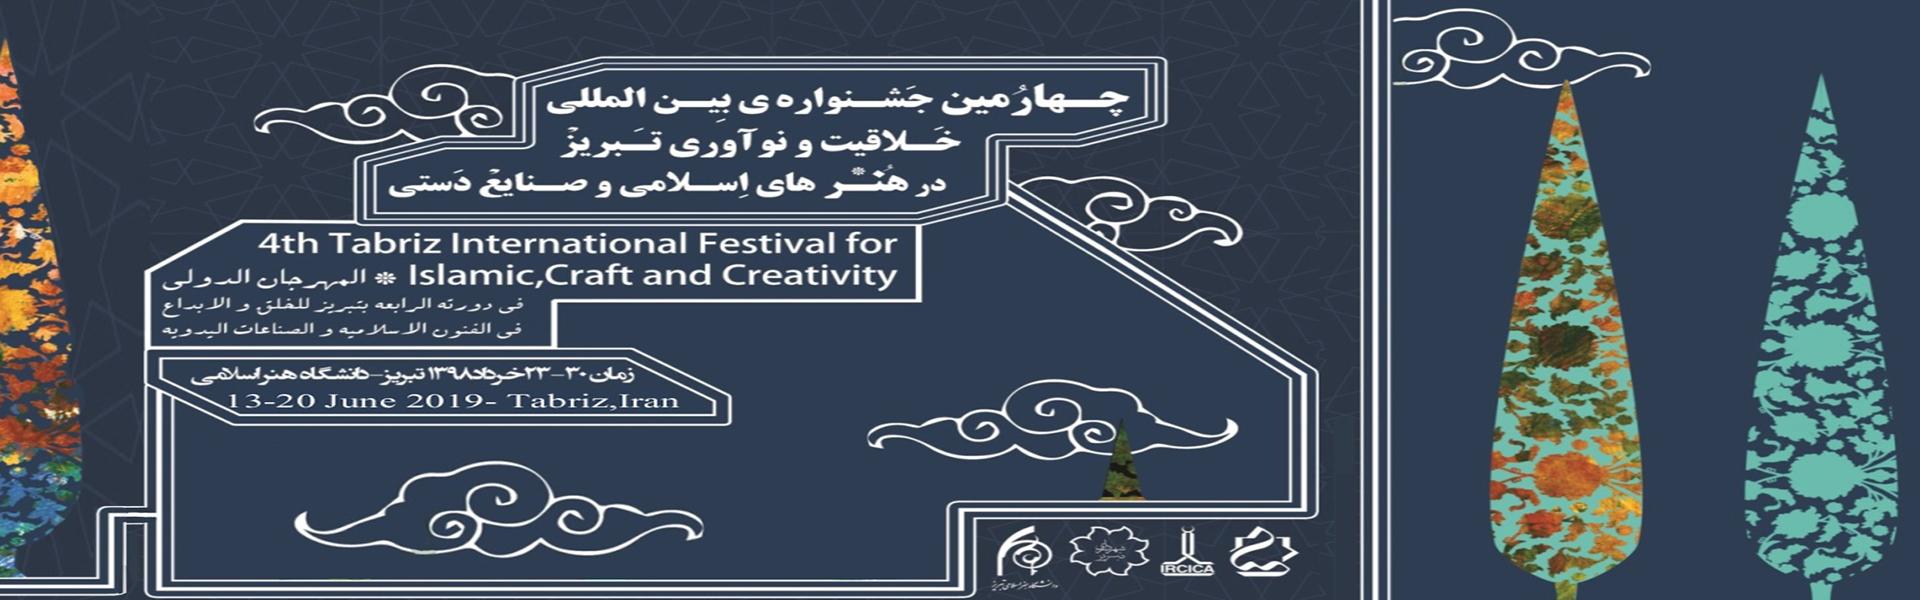 برگزاری چهارمین جشنواره بینالمللی صنایع دستی با حضور 30 کشور اسلامی در تبریز